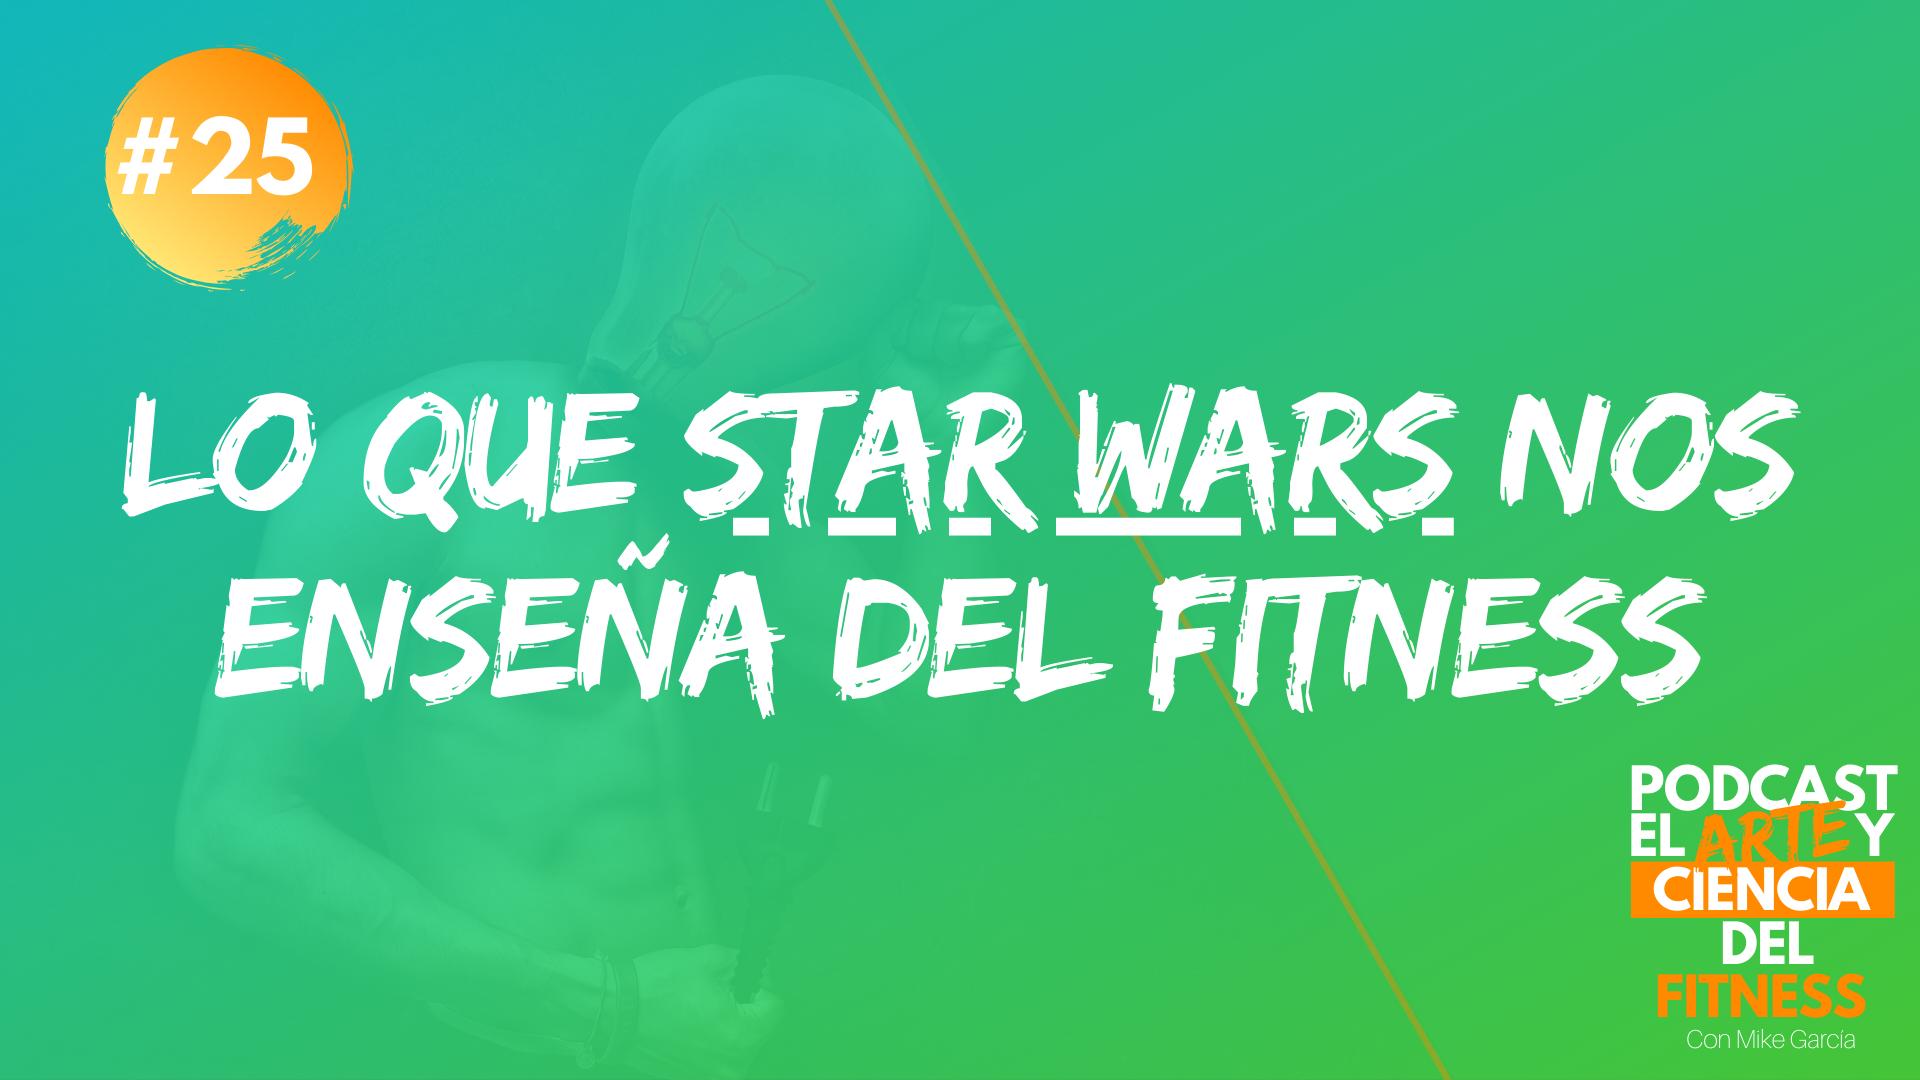 Podcast #25: Lo Que Star Wars Nos Enseña Del Fitness